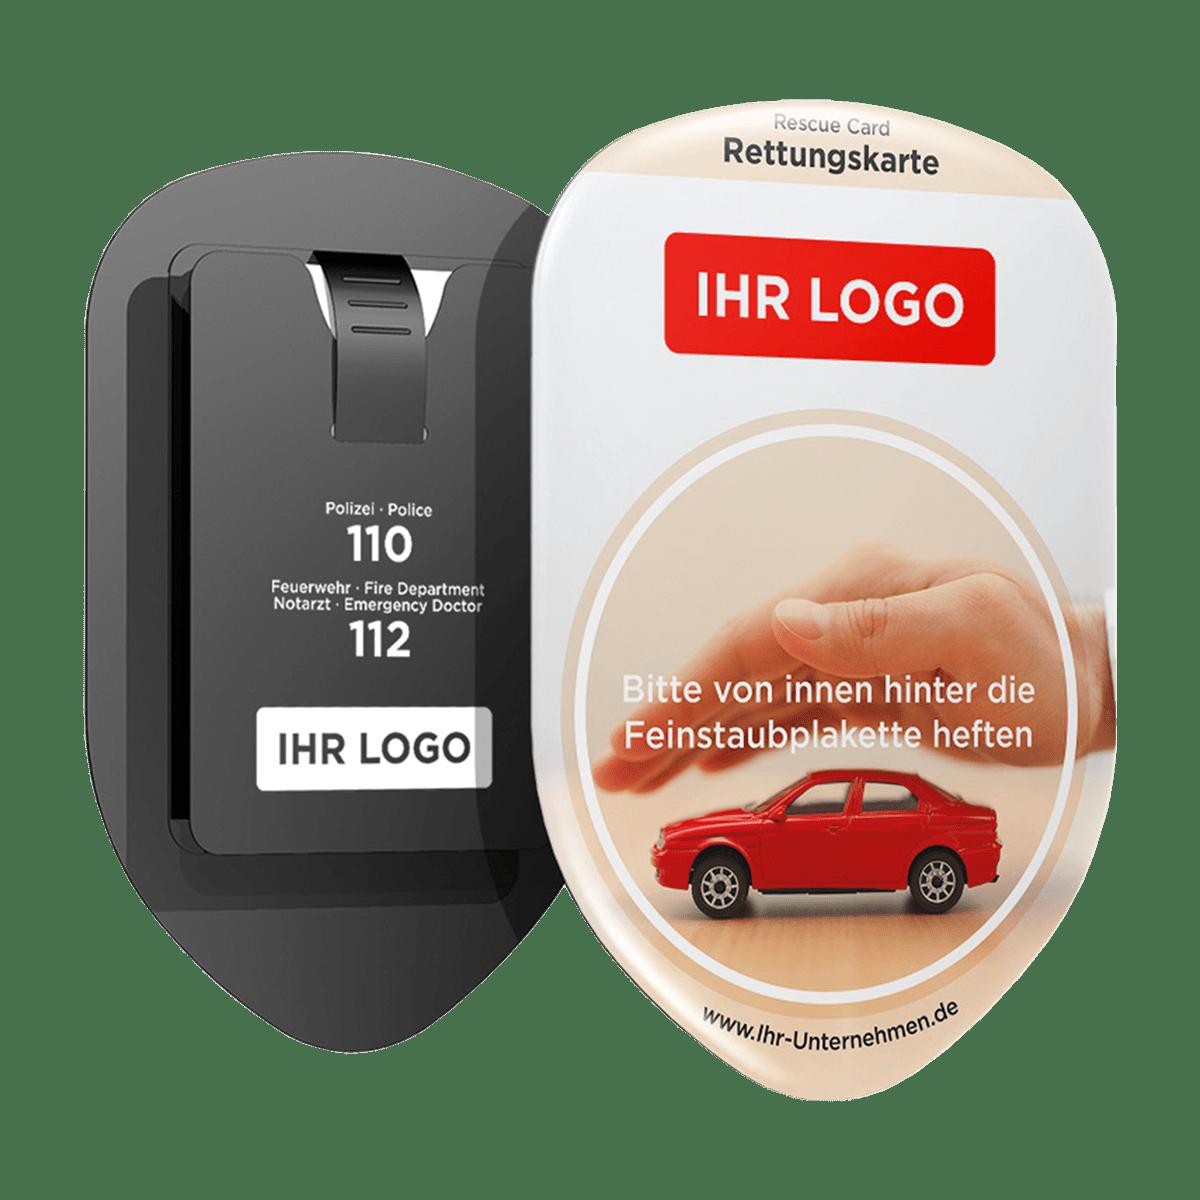 EigenesLogo Werbung – Rettungskarten Halterung Rettungsdatenblatt –Safetybag –Download - Vorderseite und Rückseite – für Fuhrpark Mitarbeiter nachhaltiges Werbegeschenk Give-away